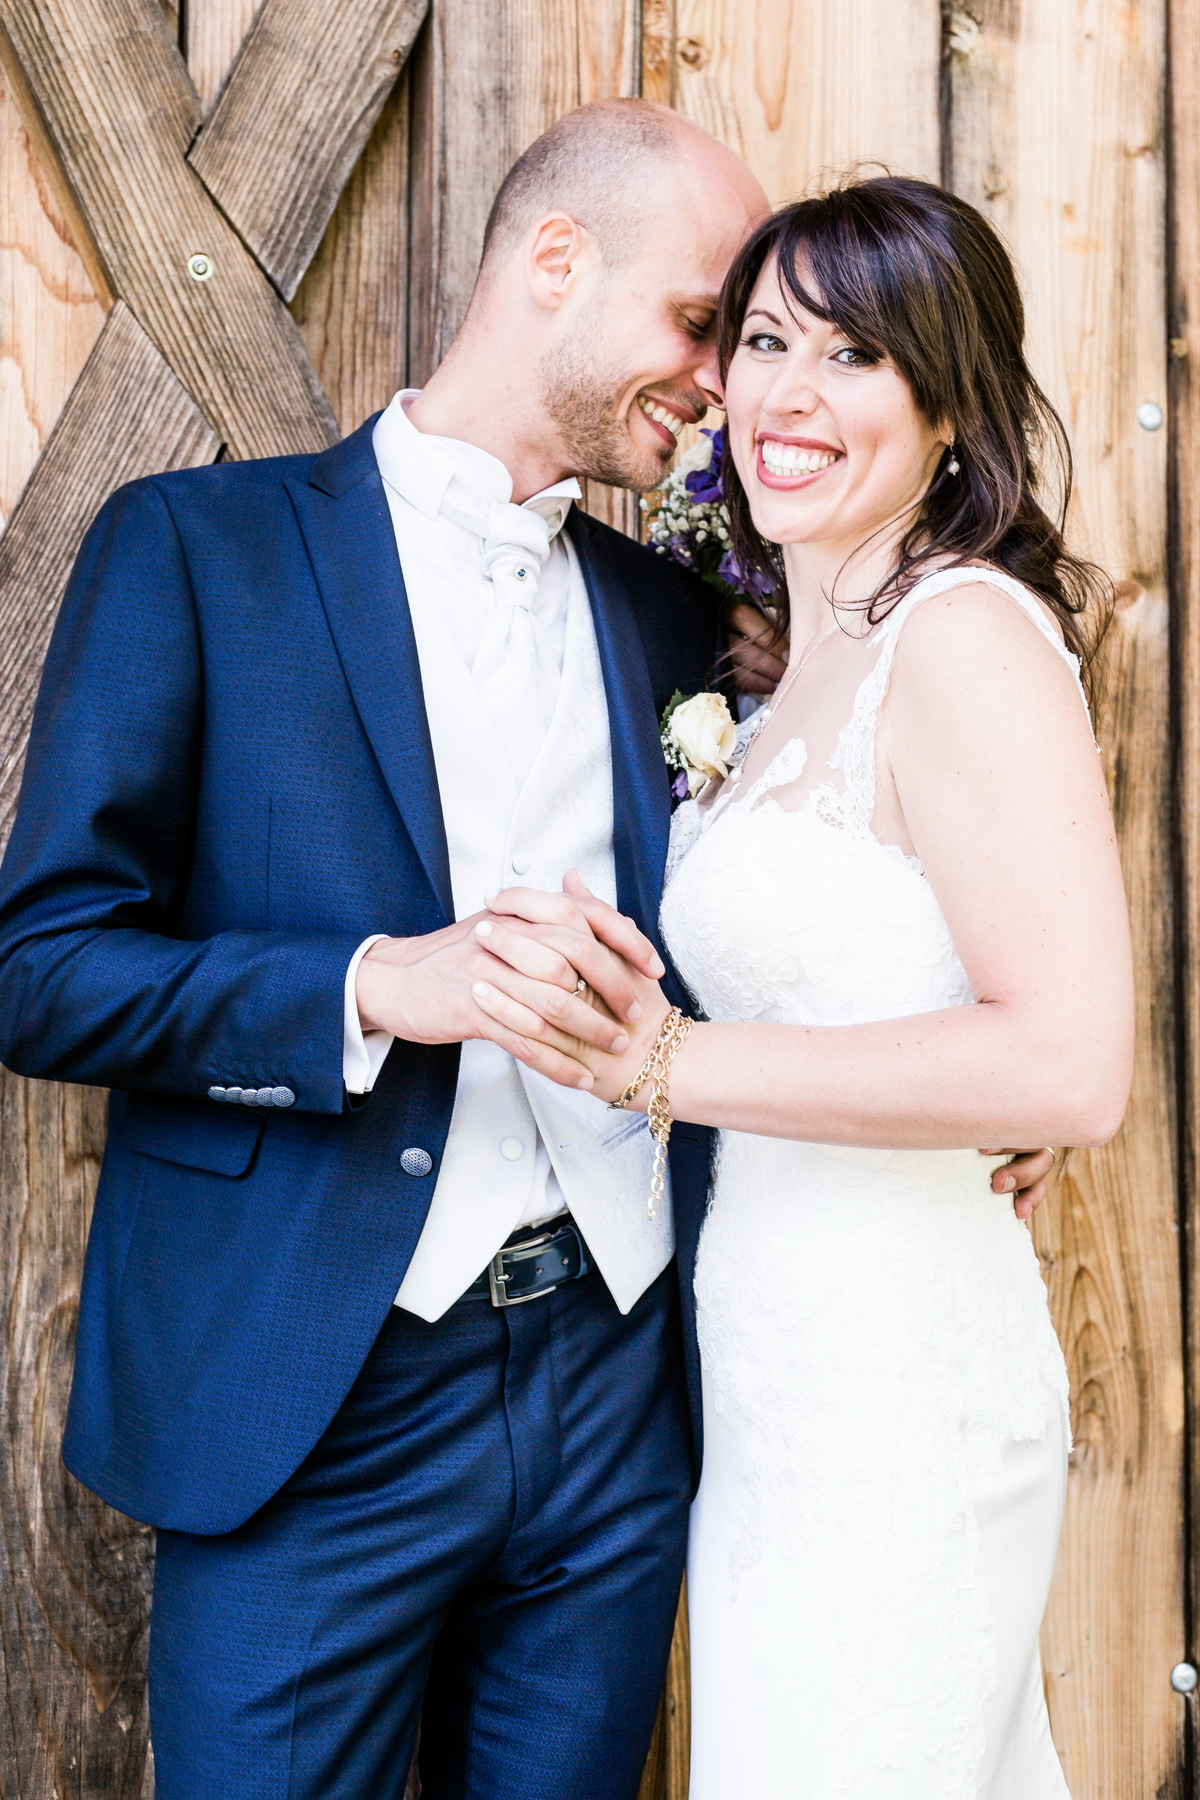 Claudia Sittig Photography - Couple - Hochzeit  Wedding - Steffi und Ziad - 40